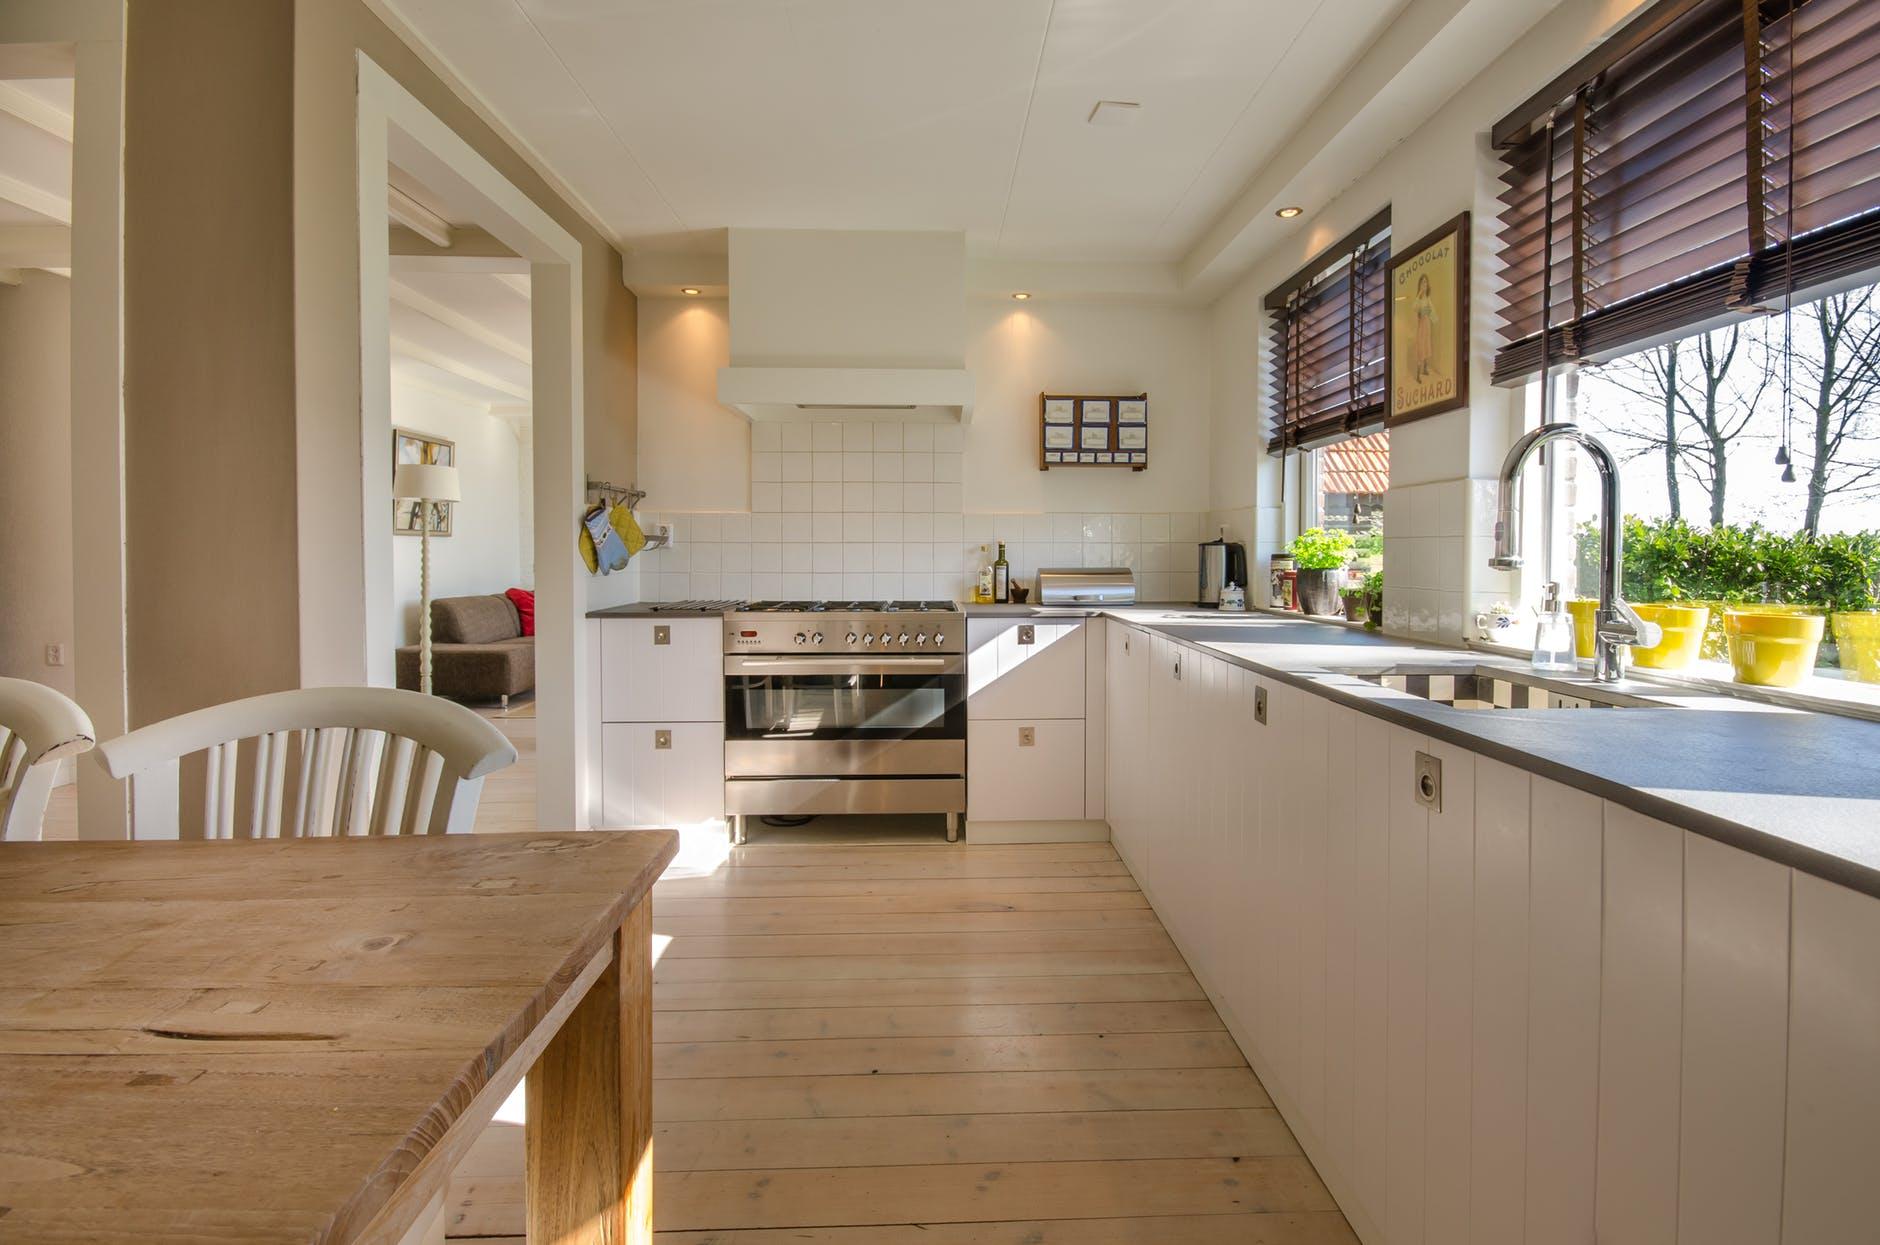 cuisine tendance 2018 avec un meuble bas blanc, table et sol en bois clair, murs blancs, four vintage gris